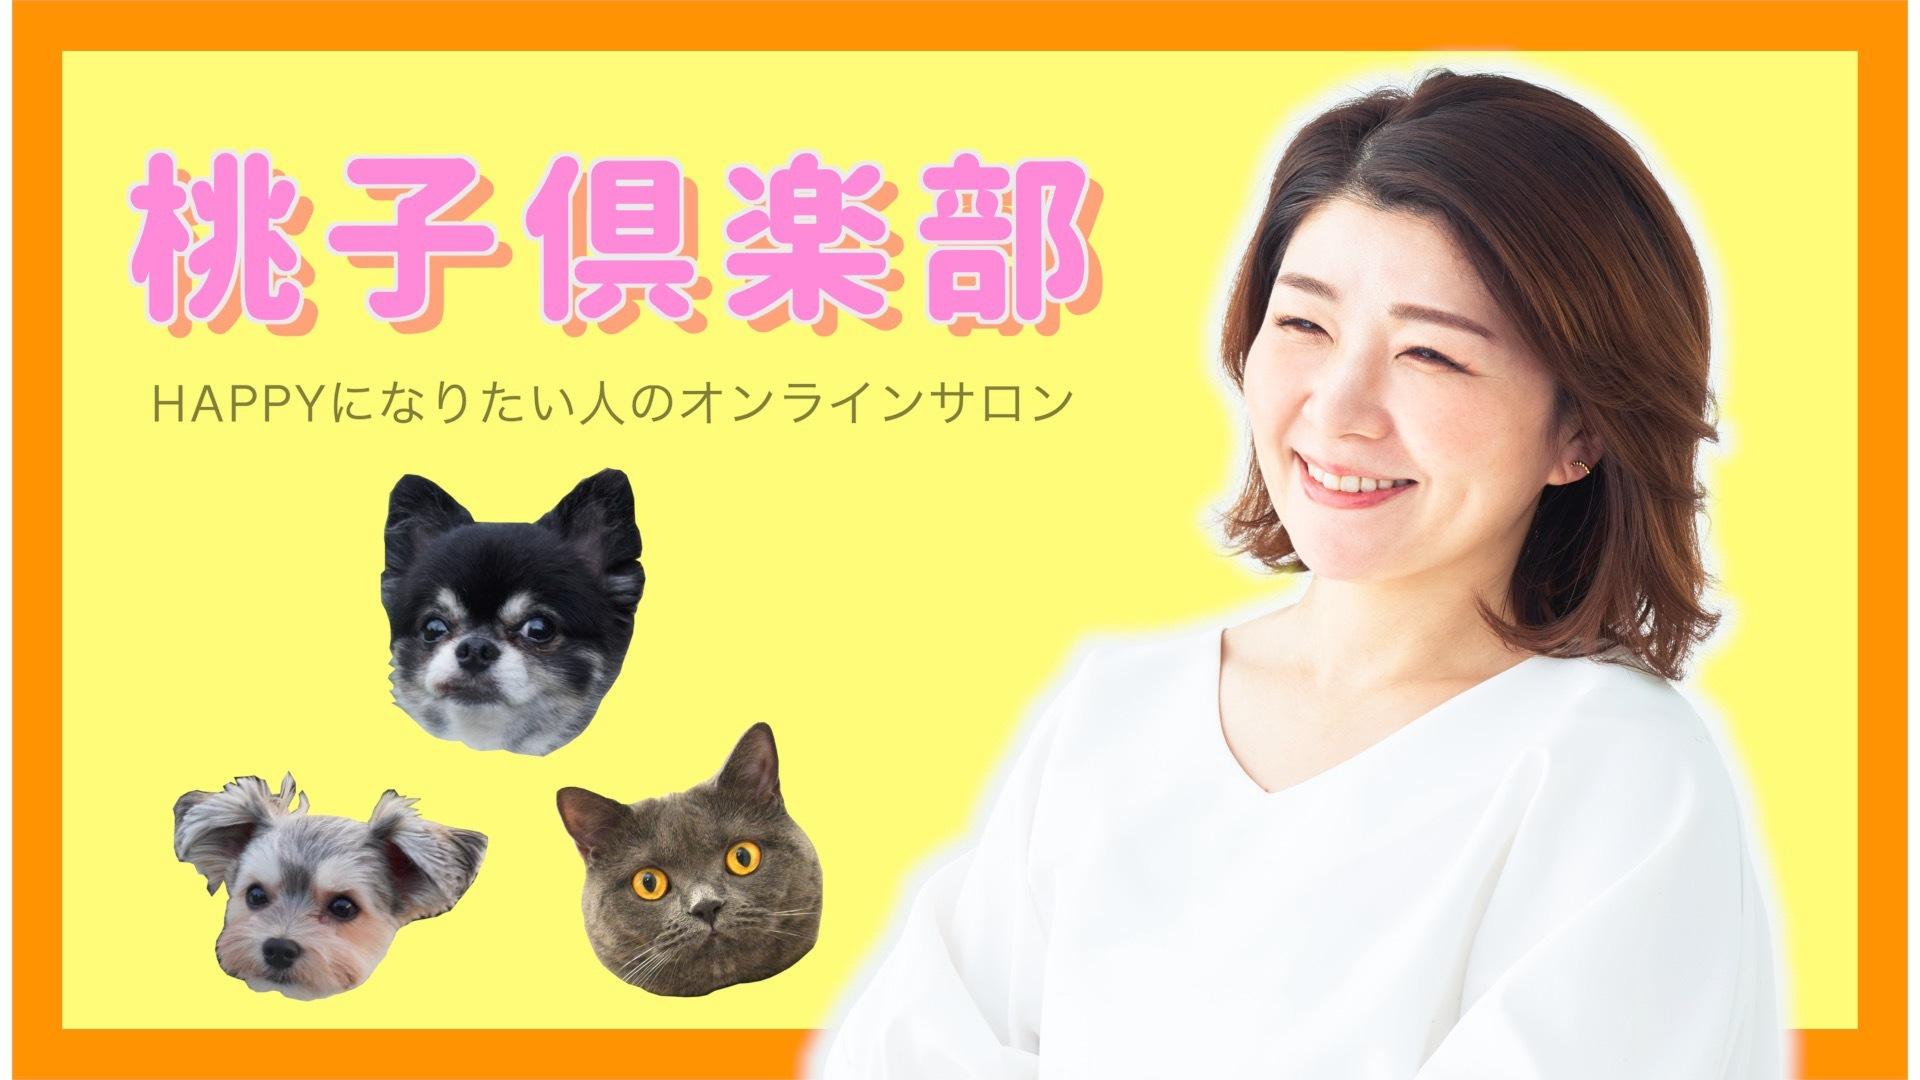 桃子倶楽部